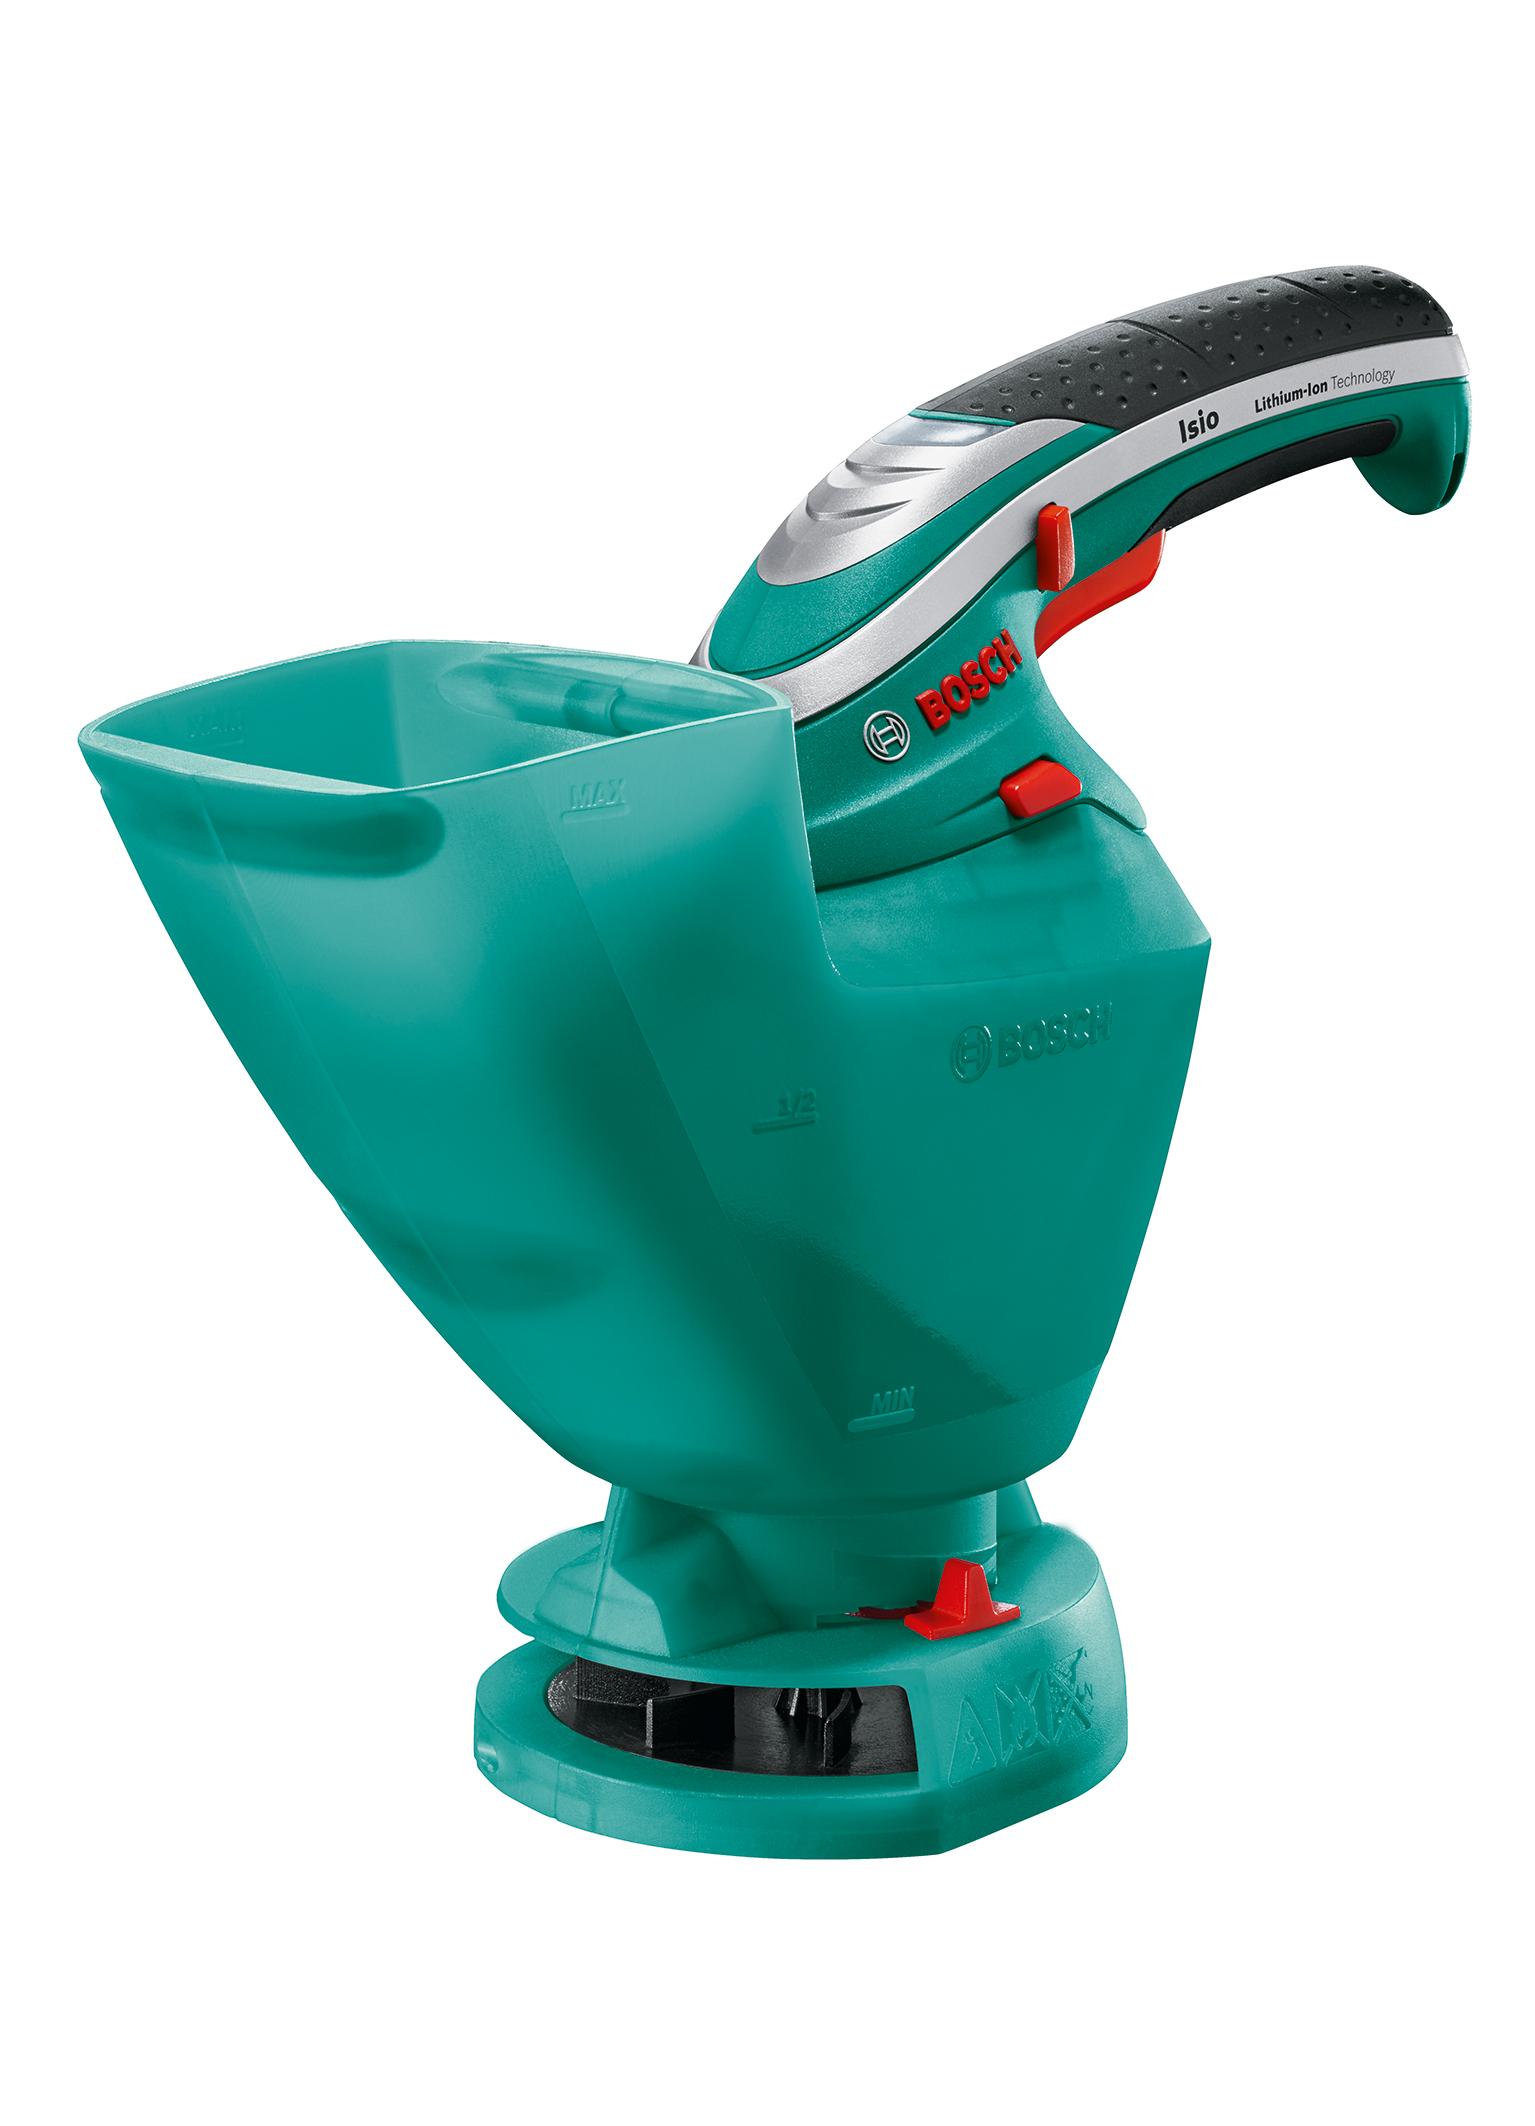 Un utensile universale per il giardinaggio: Isio di Bosch, ora con accessorio spargitore per distribuire i semi d'erba e il fertilizzante in modo semplice e rapido